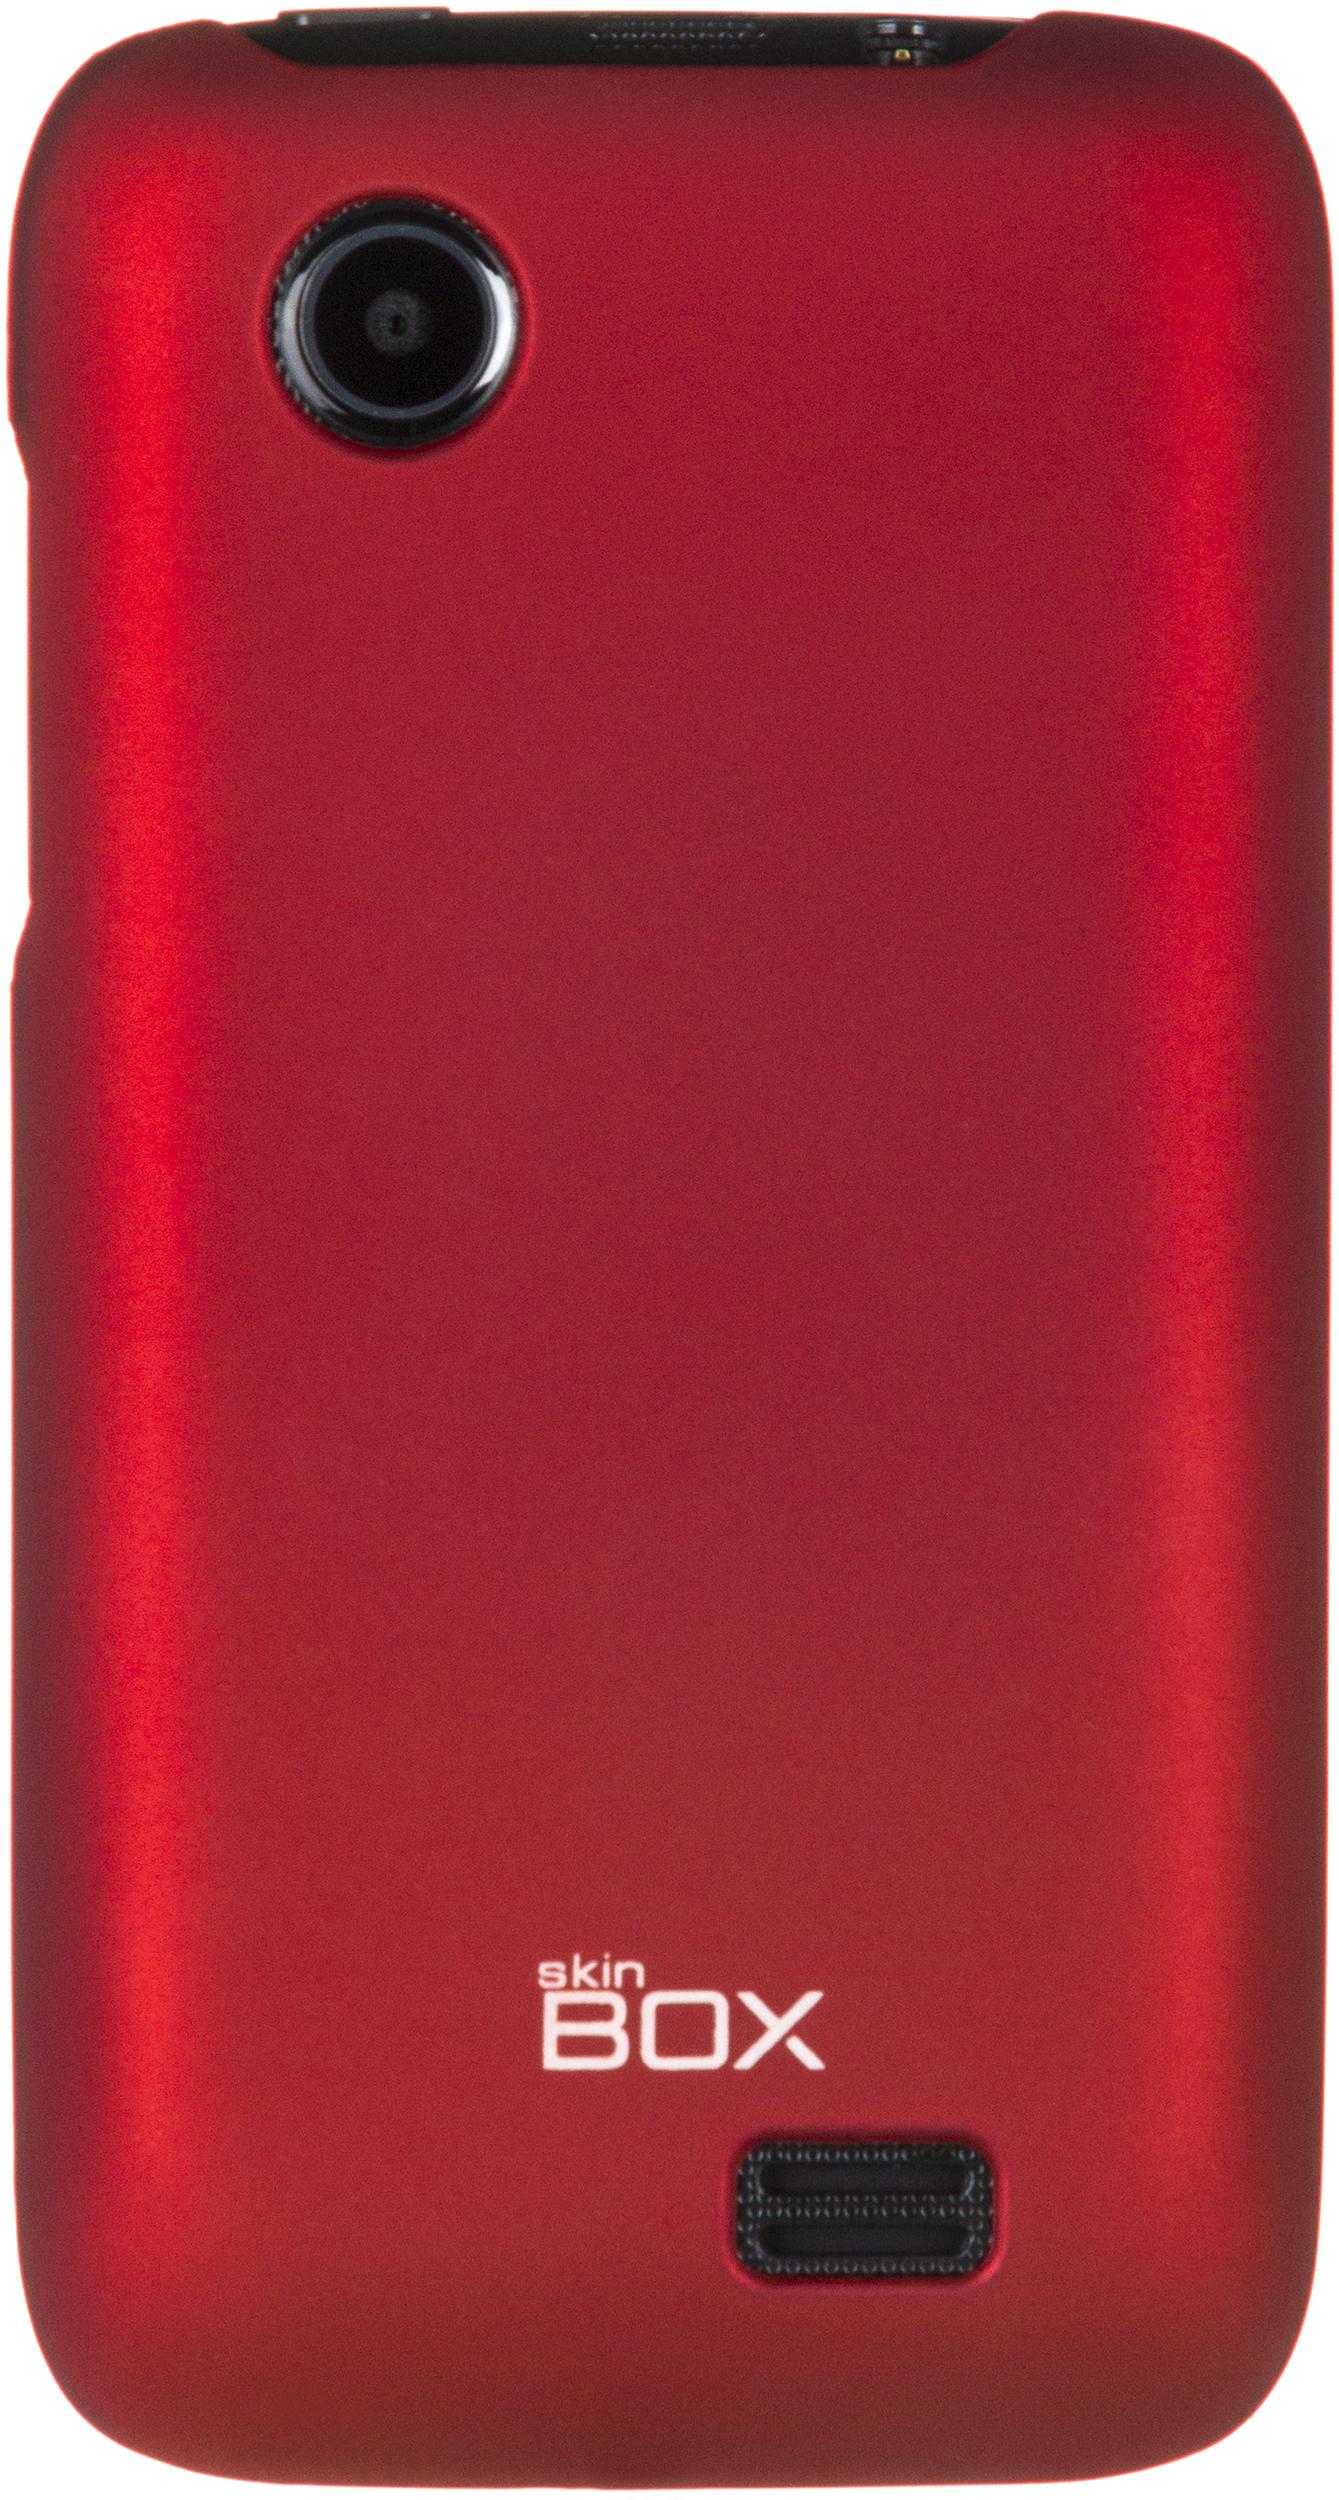 Чехол для сотового телефона skinBOX 4People, 4630042526501, красный чехол для сотового телефона skinbox 4people 4630042528994 красный